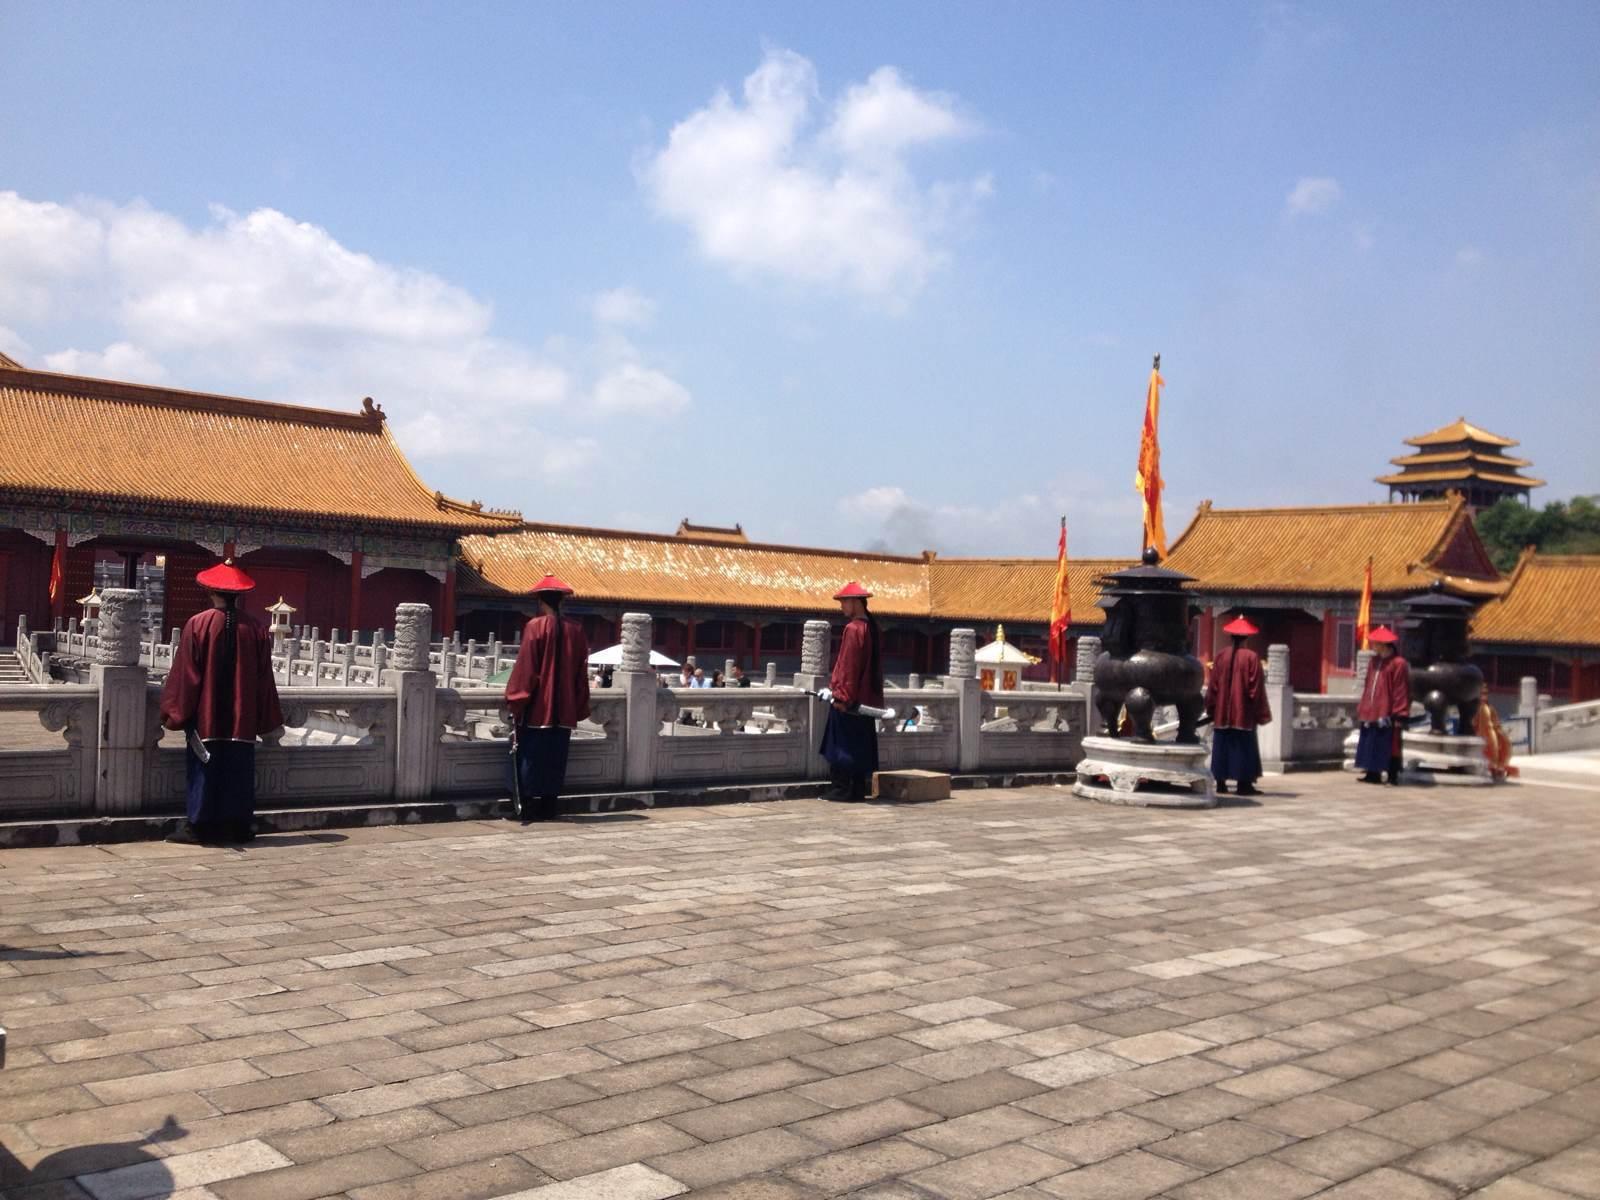 明清宫苑图片